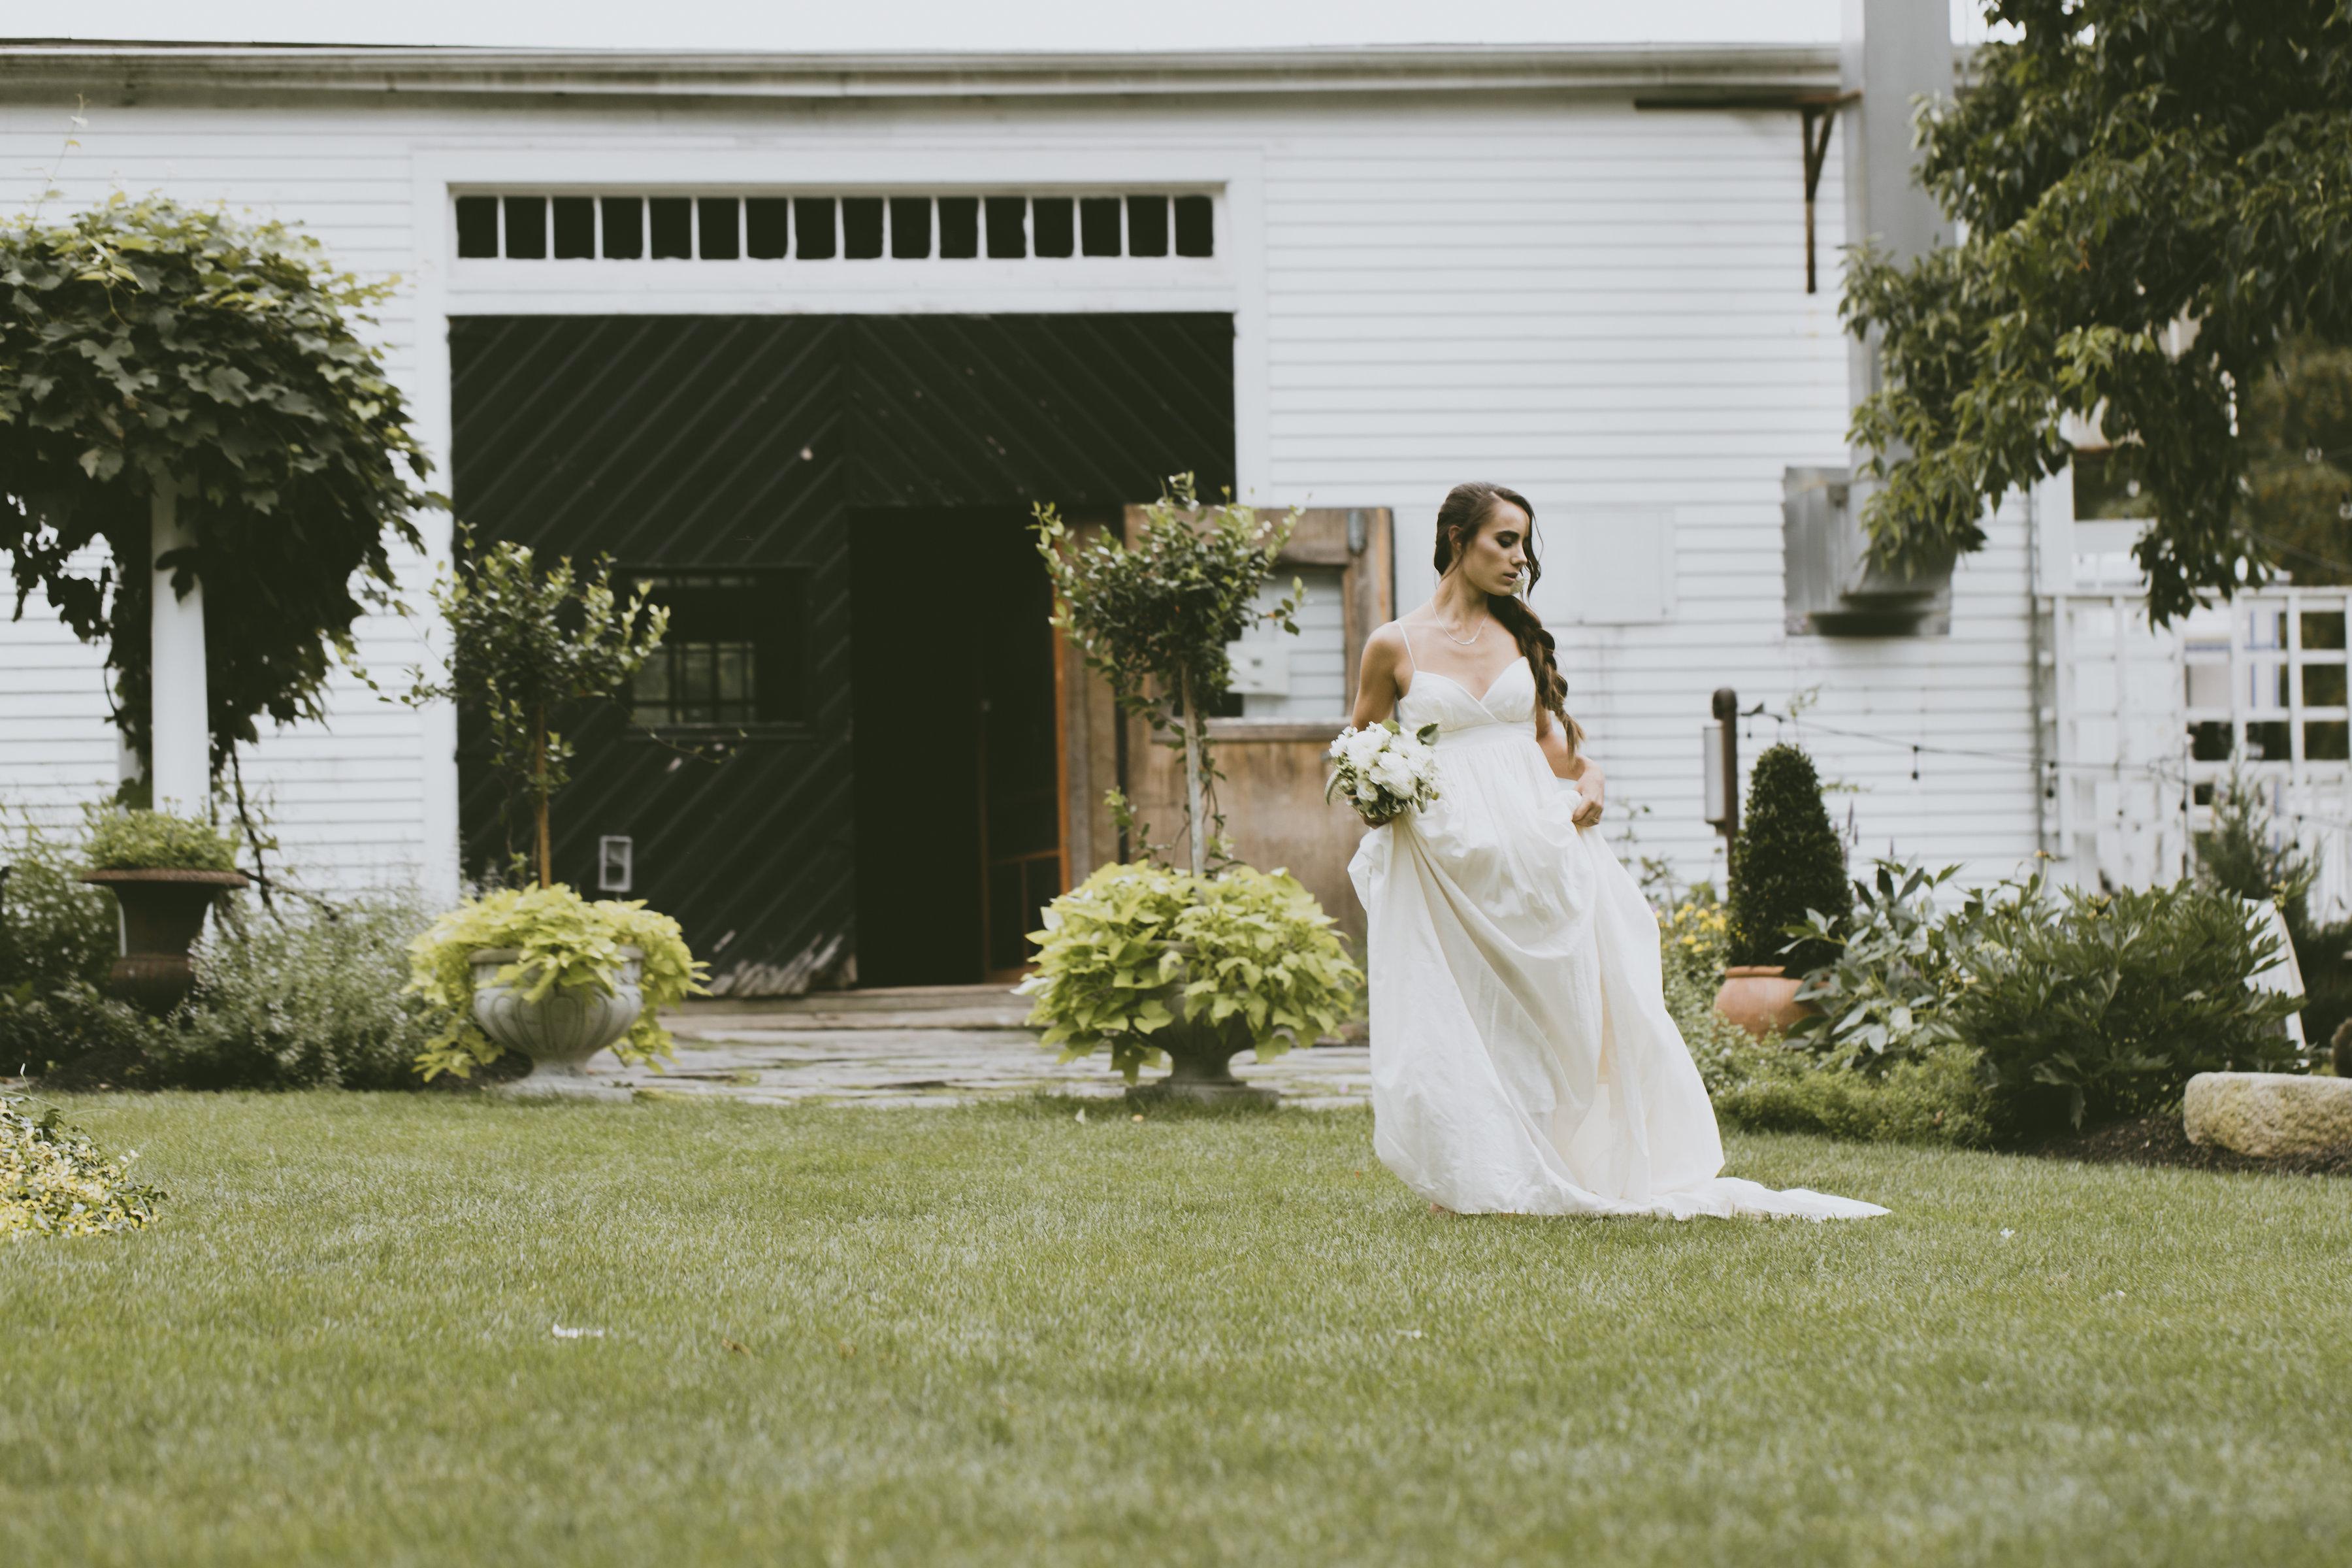 170807_Robinson_BoHoStyled_Wedding_934